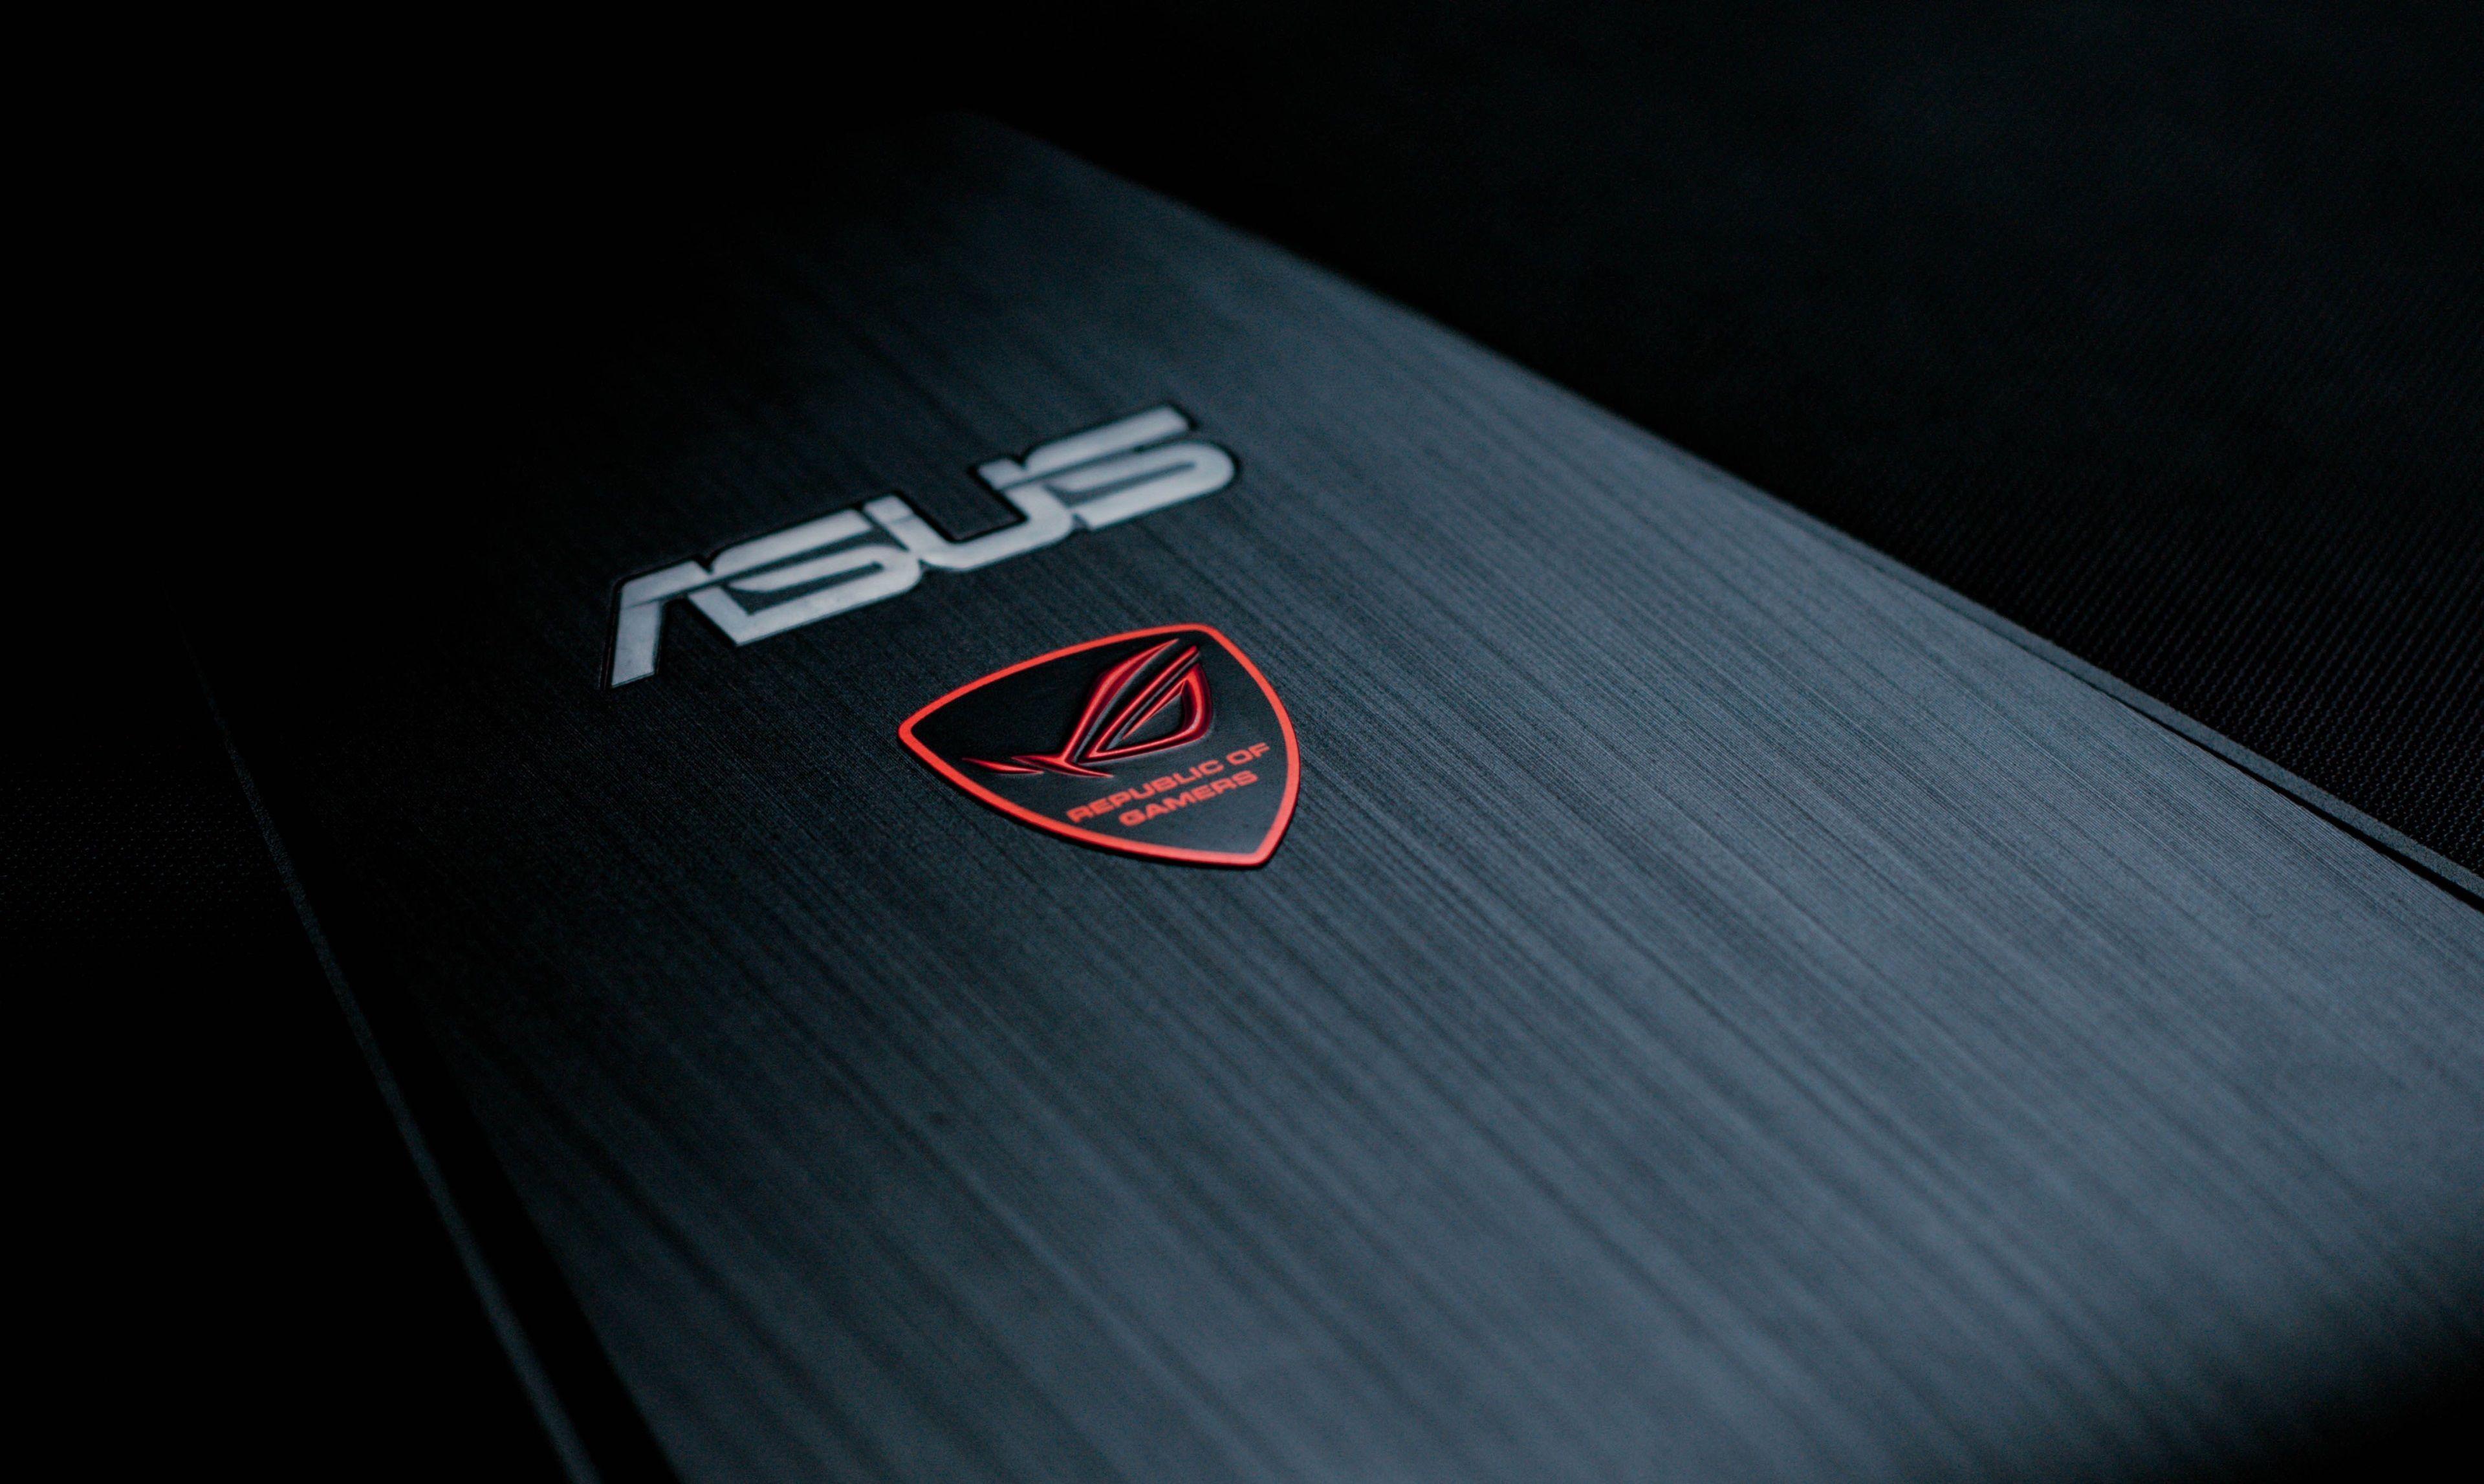 Asus Rog Wallpaper: 51 Best Free Asus 4K Desktop Wallpapers